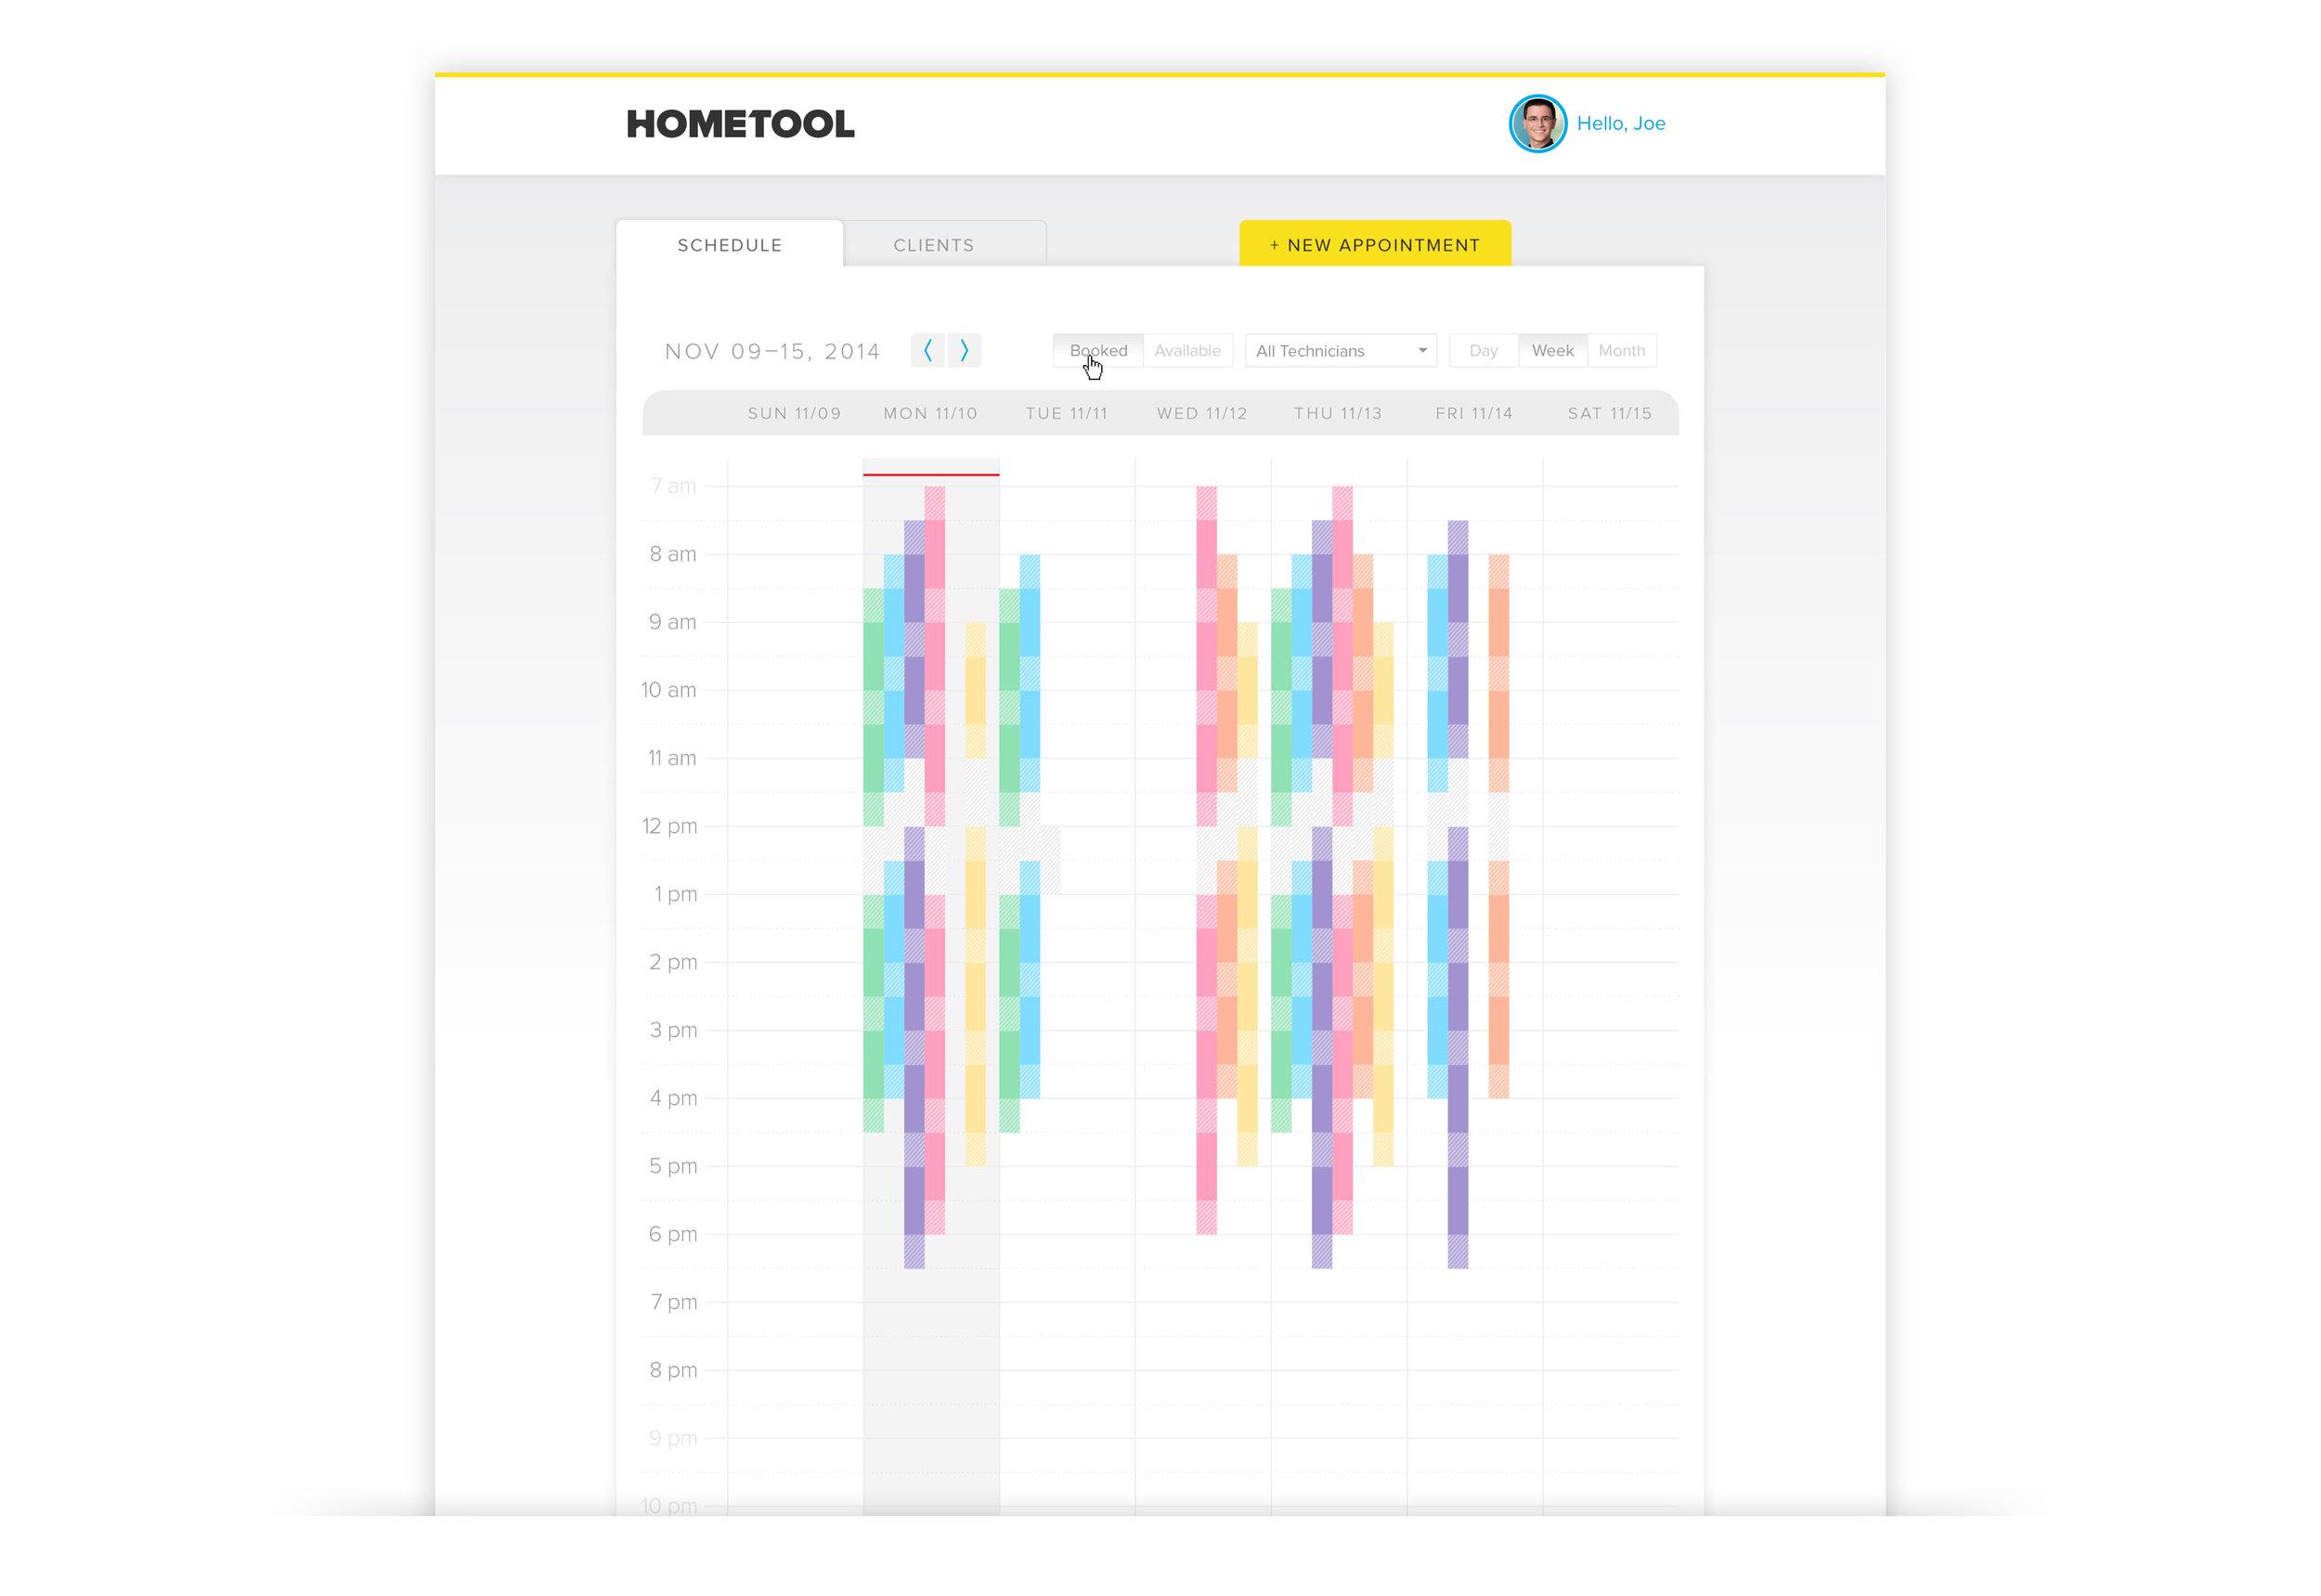 hometool_calendar-07@2x.jpg